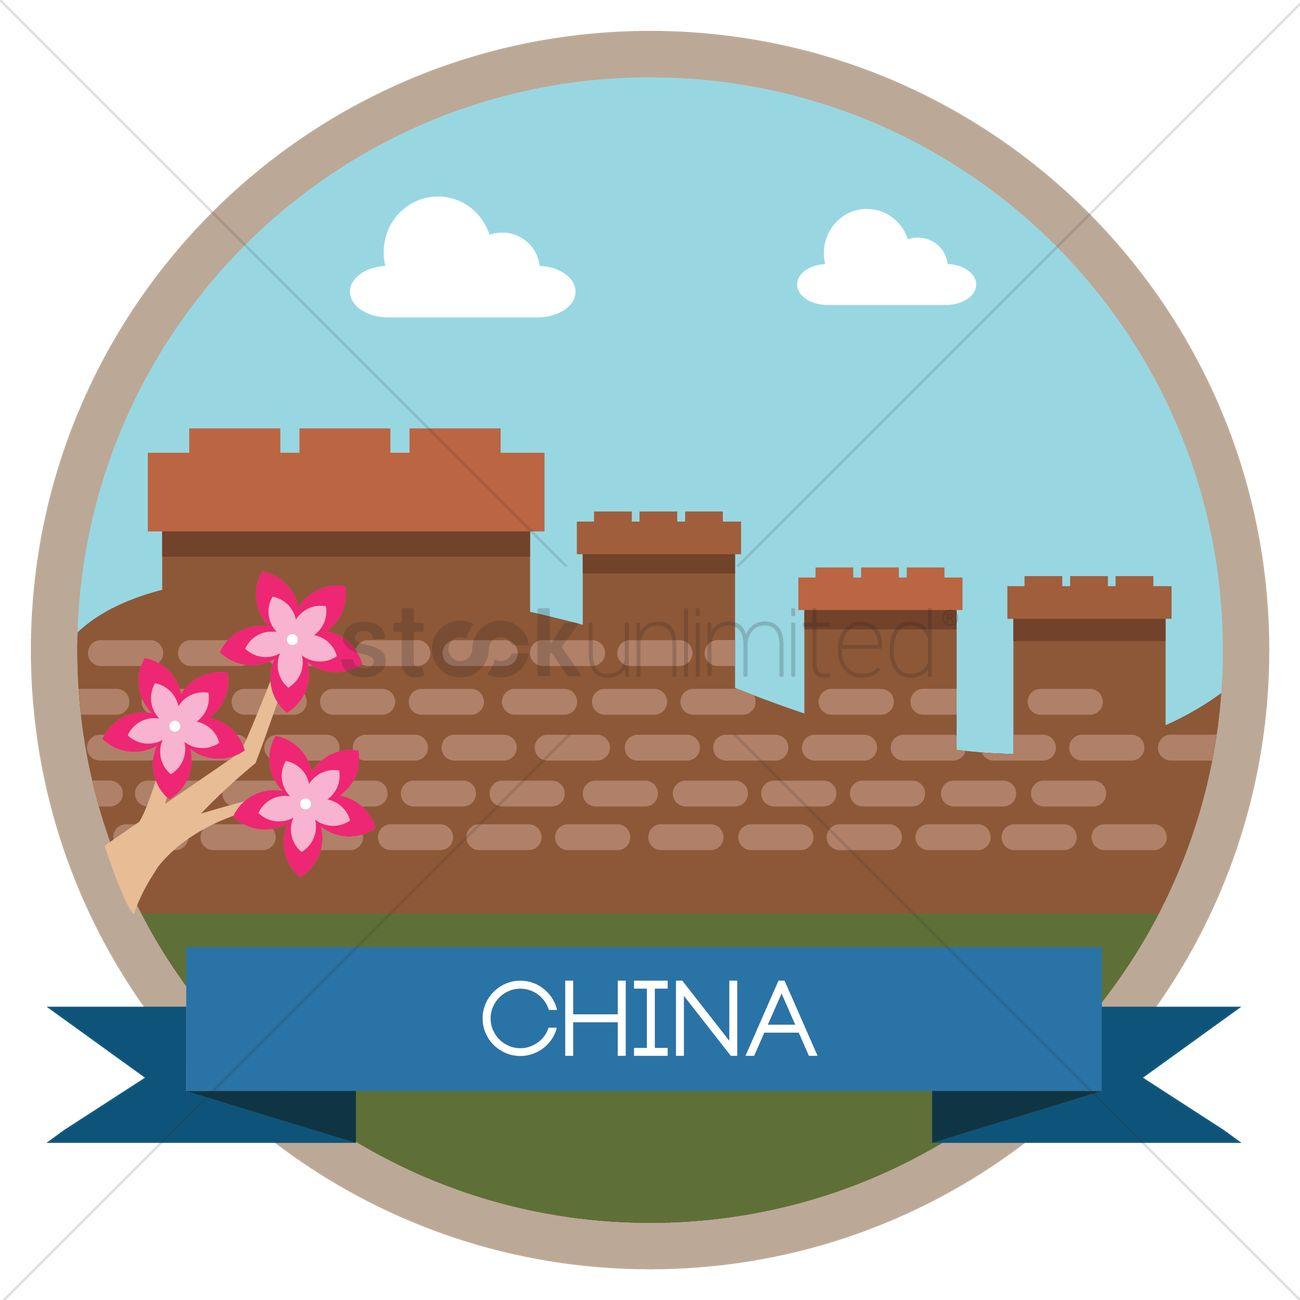 free great wall of china vector image 1313305 stockunlimited rh stockunlimited com free clipart great wall of china great wall of china clipart border